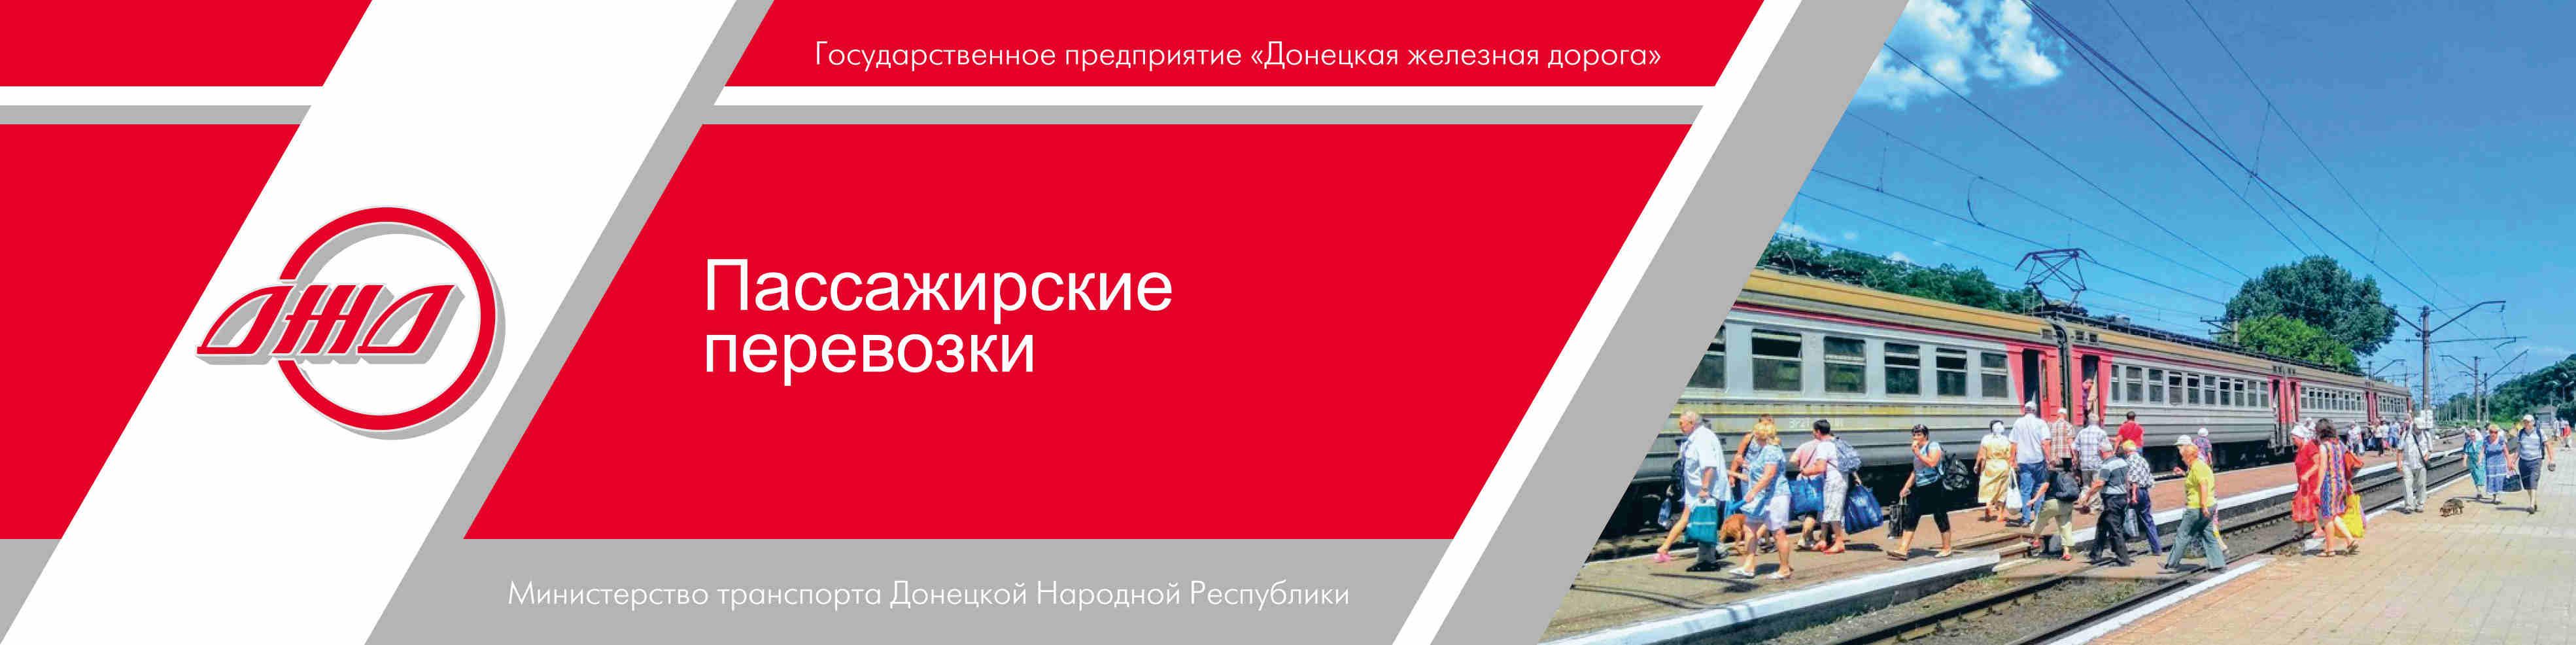 Пассажирские перевозки ДНР пригородные поезда электричка расписание поездов ГП Донецкая железная дорога Донецкая Народная республика